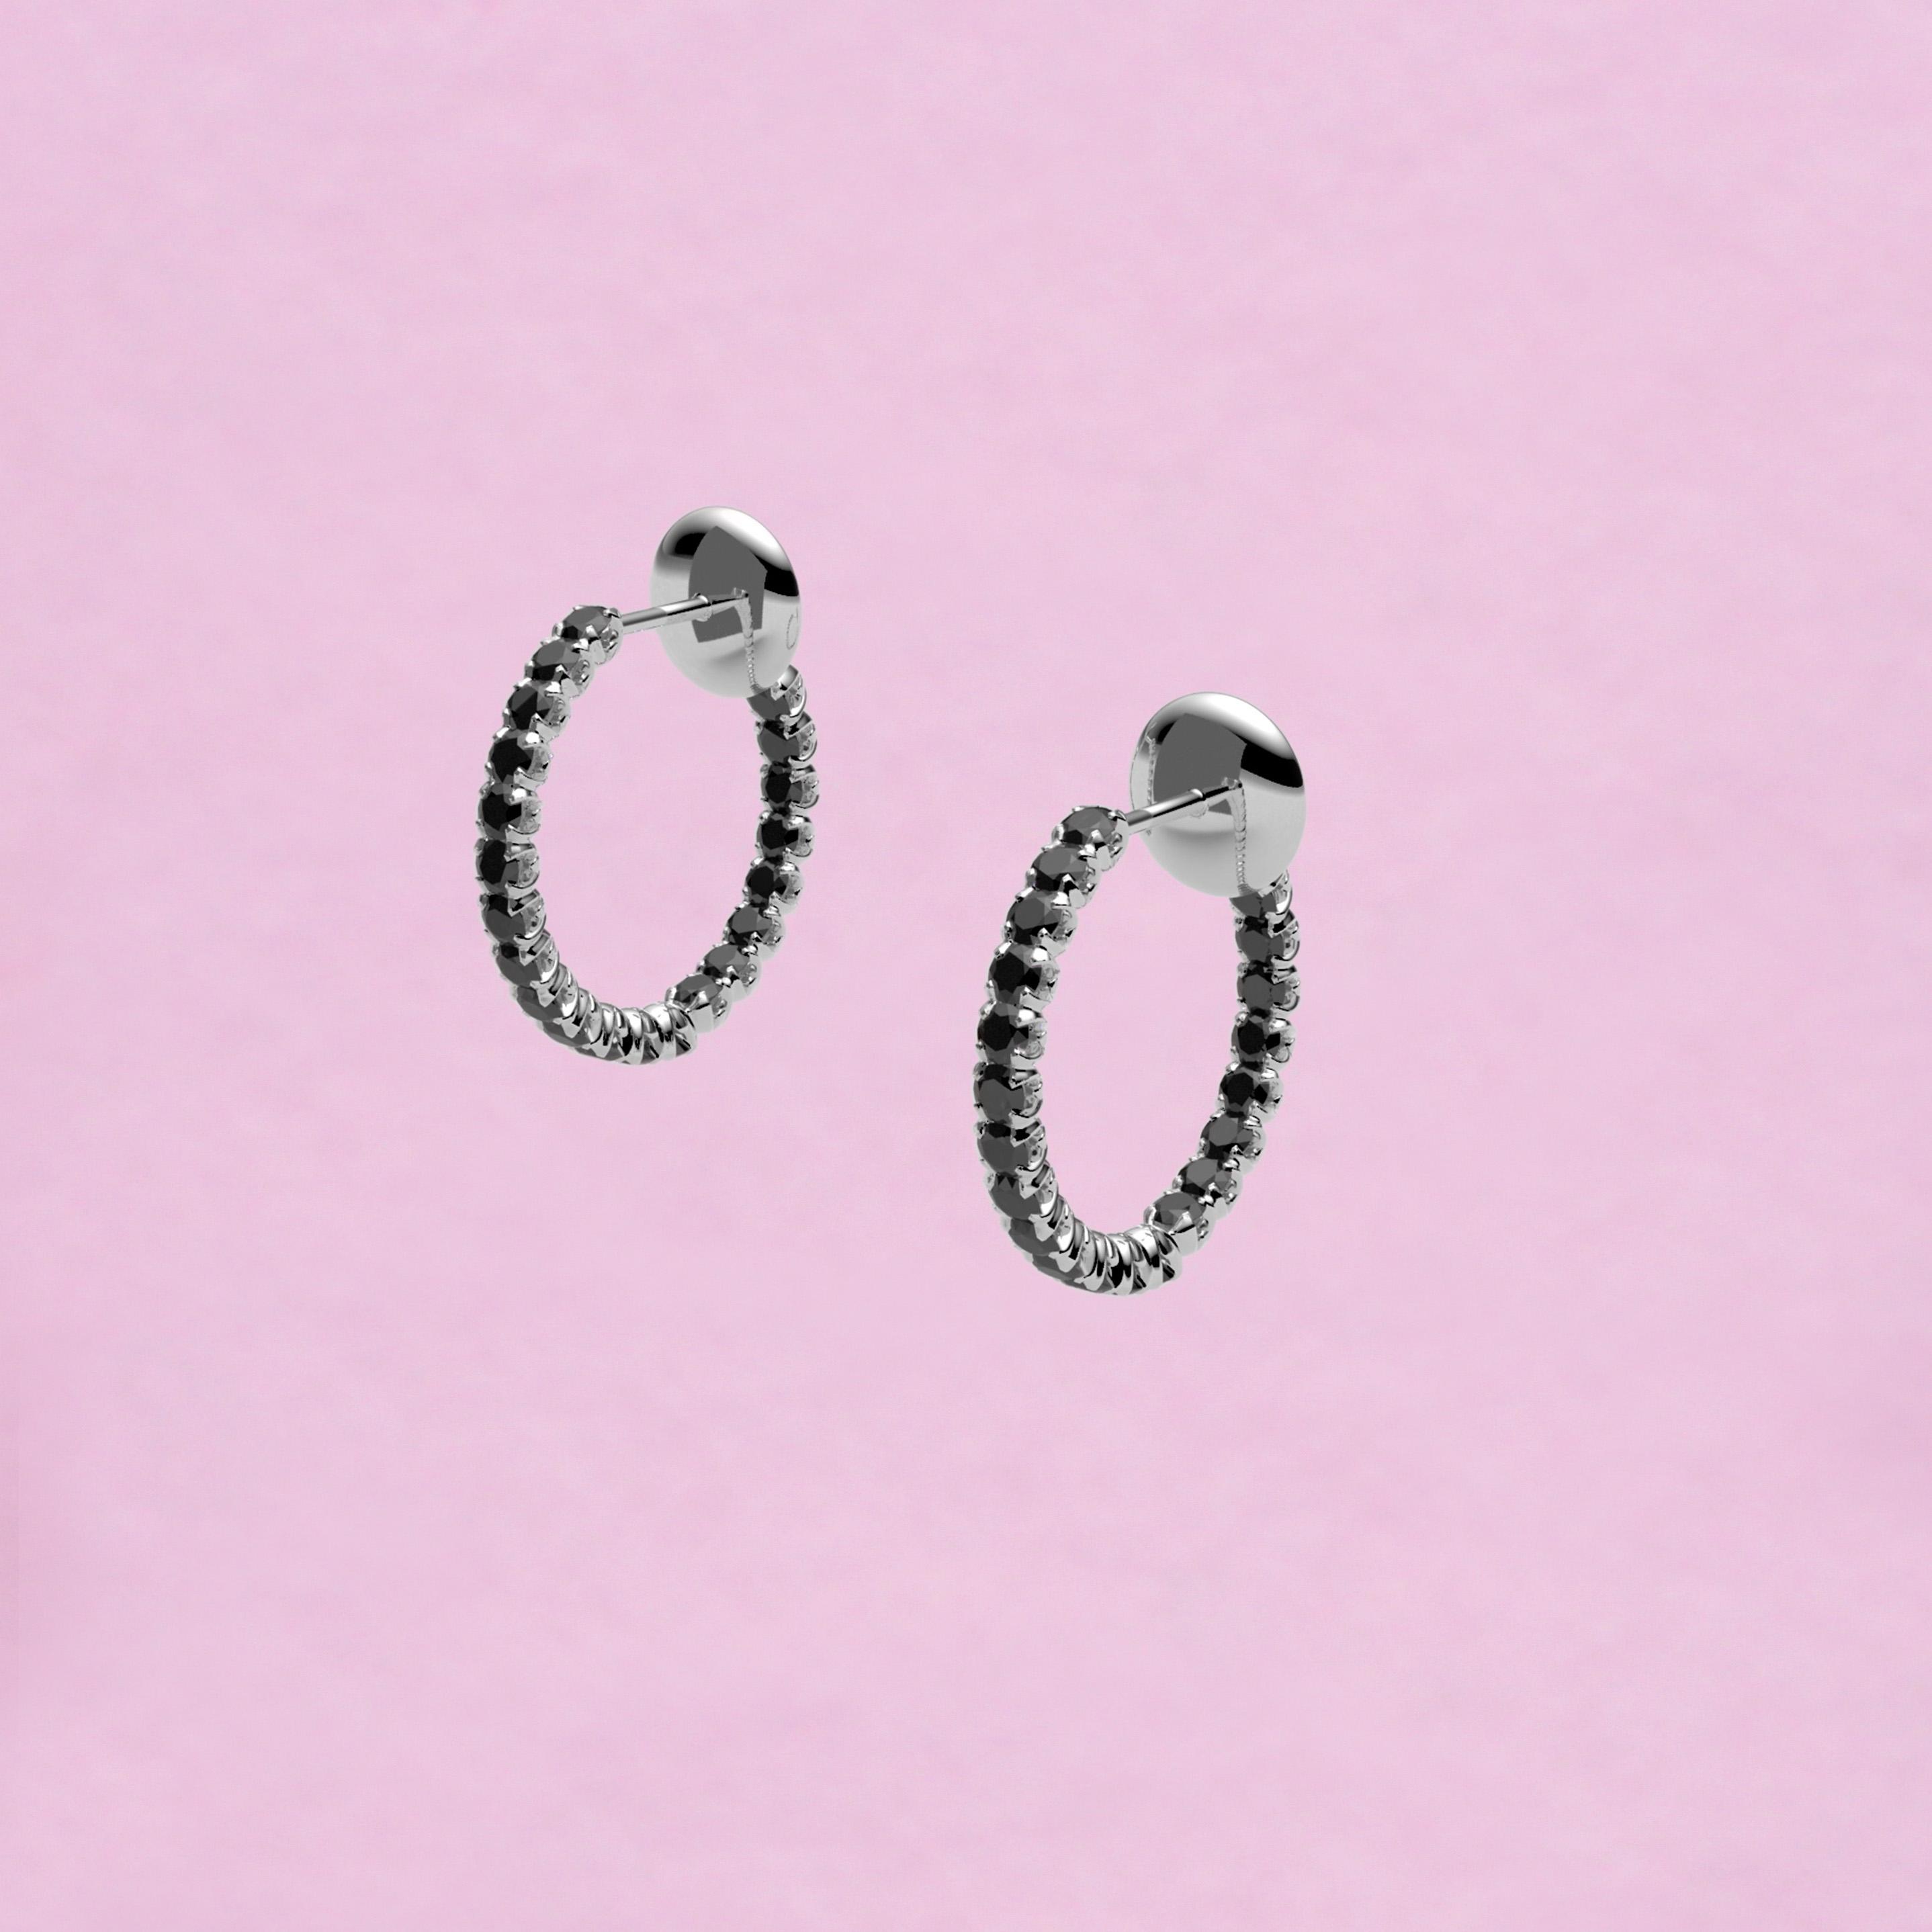 blossom hoop earrings – black diamond and 18k white gold